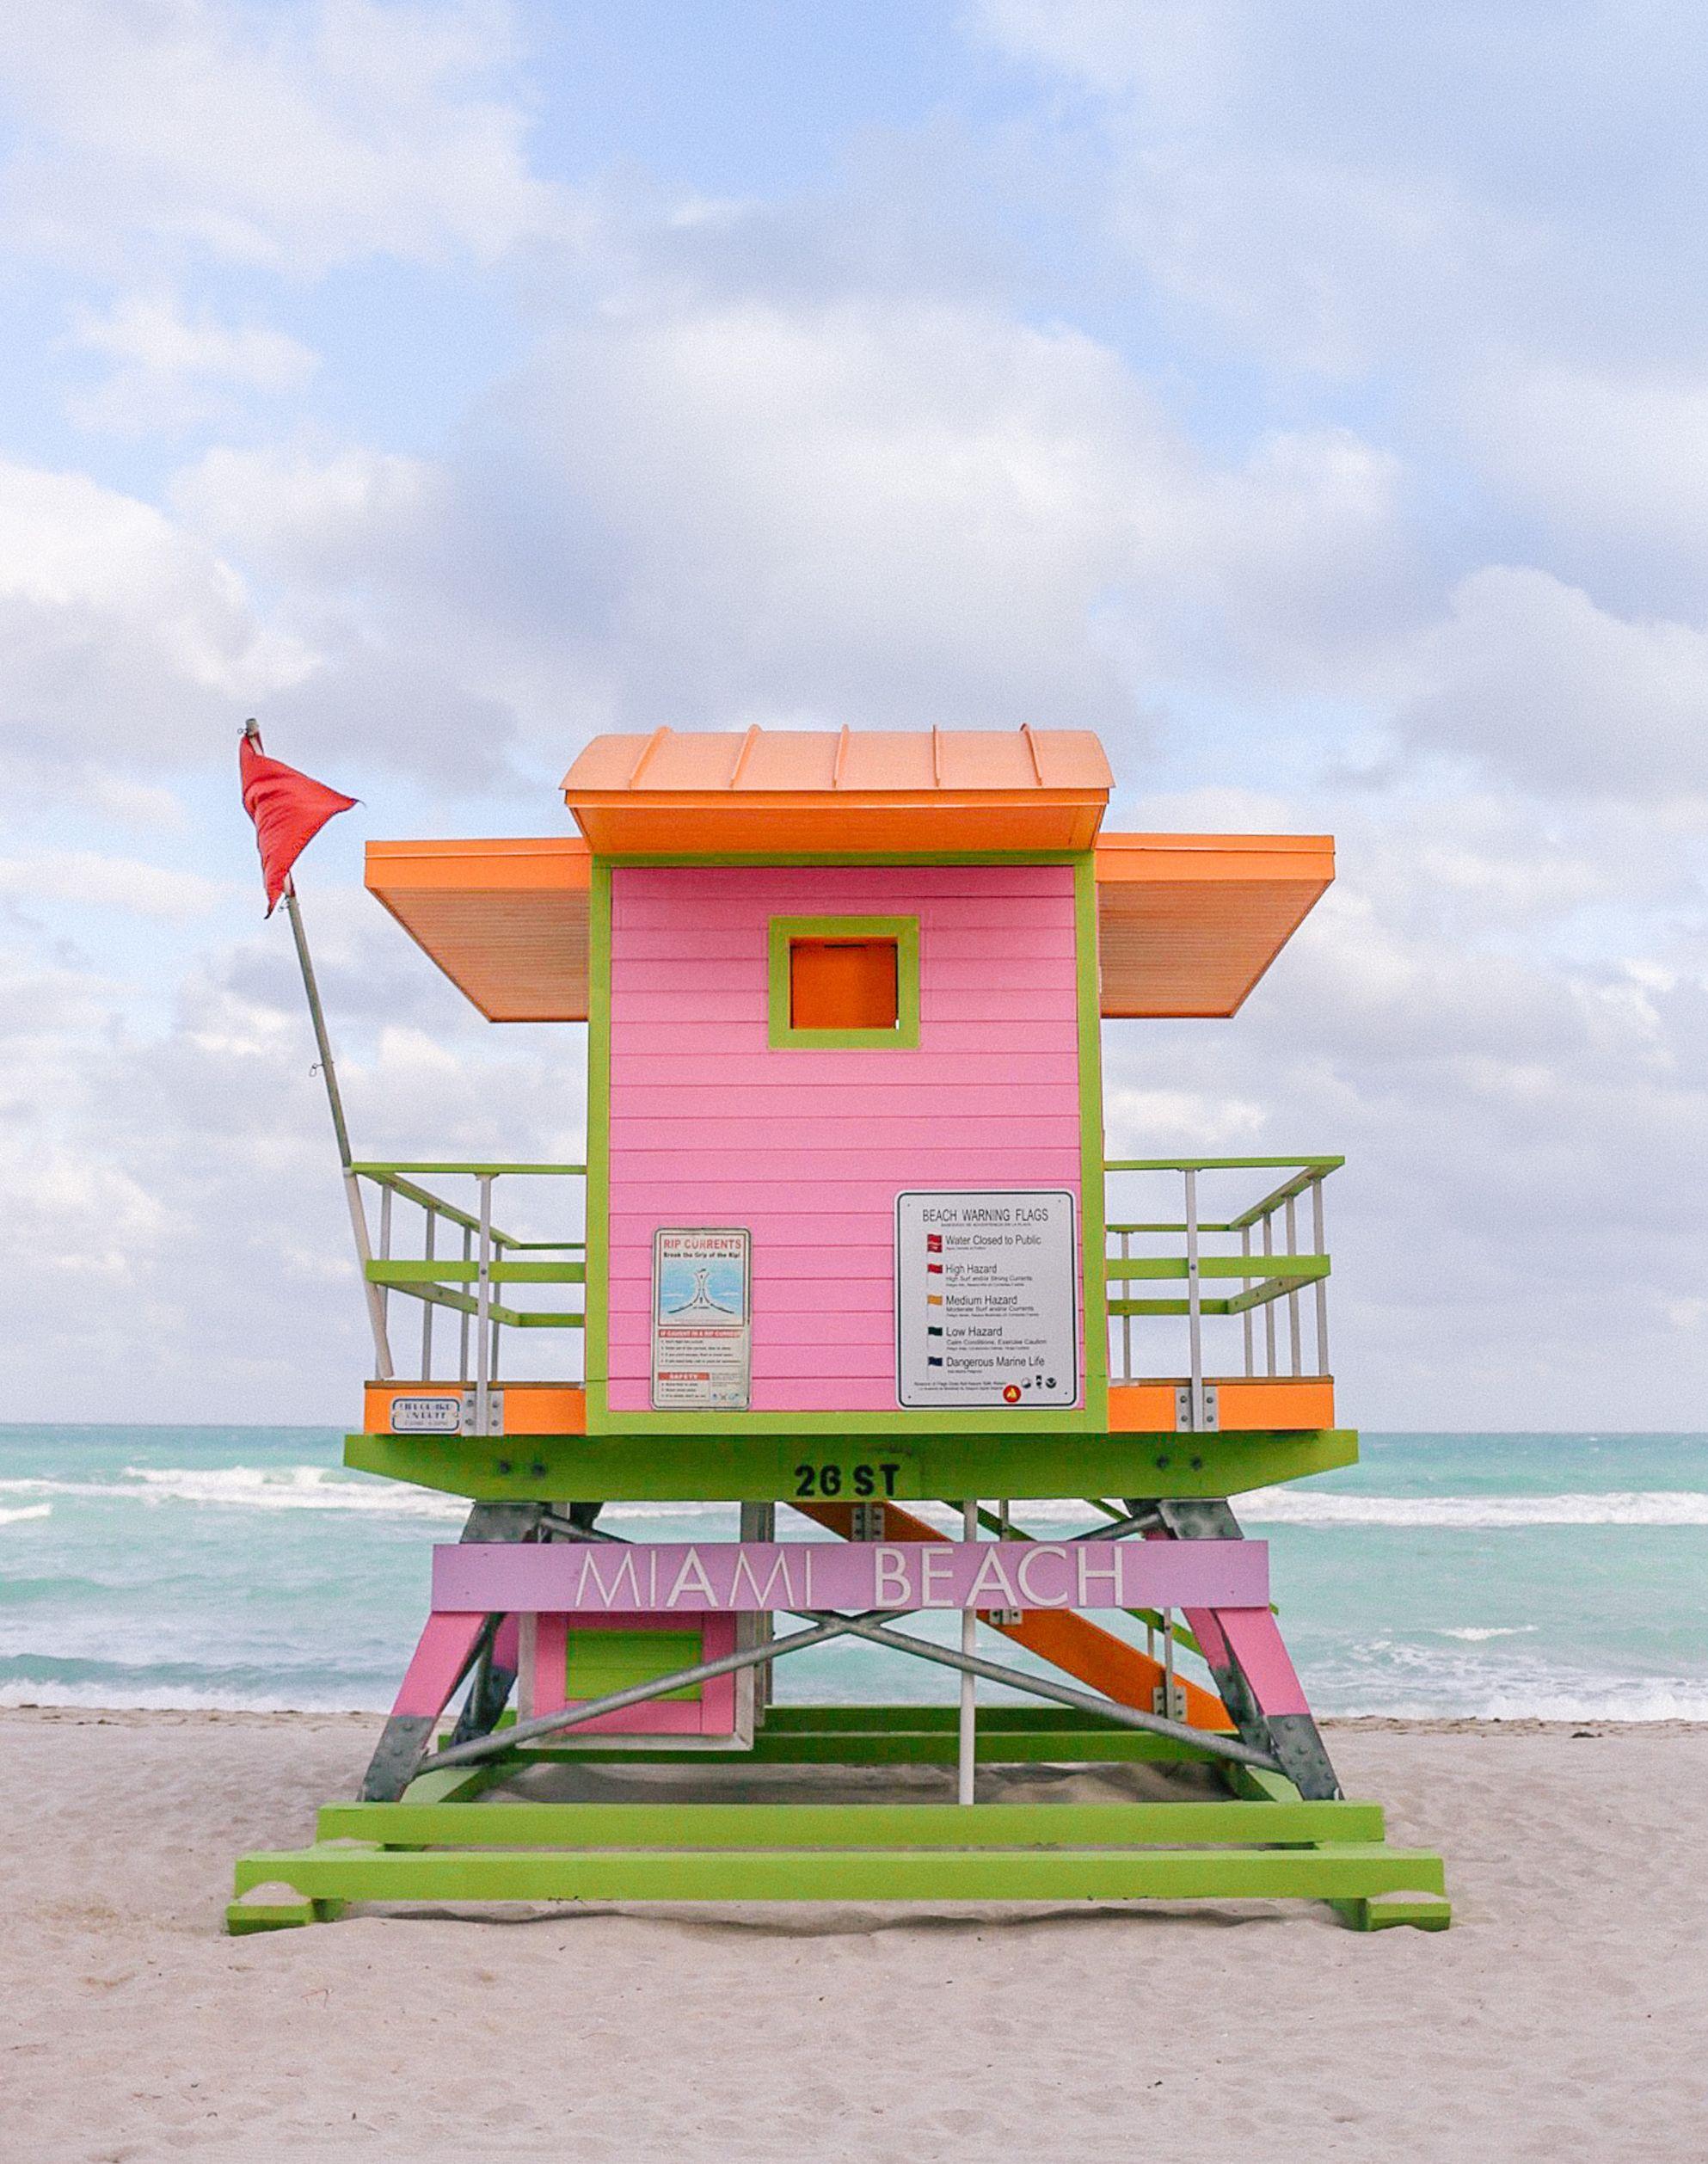 miami beach huts